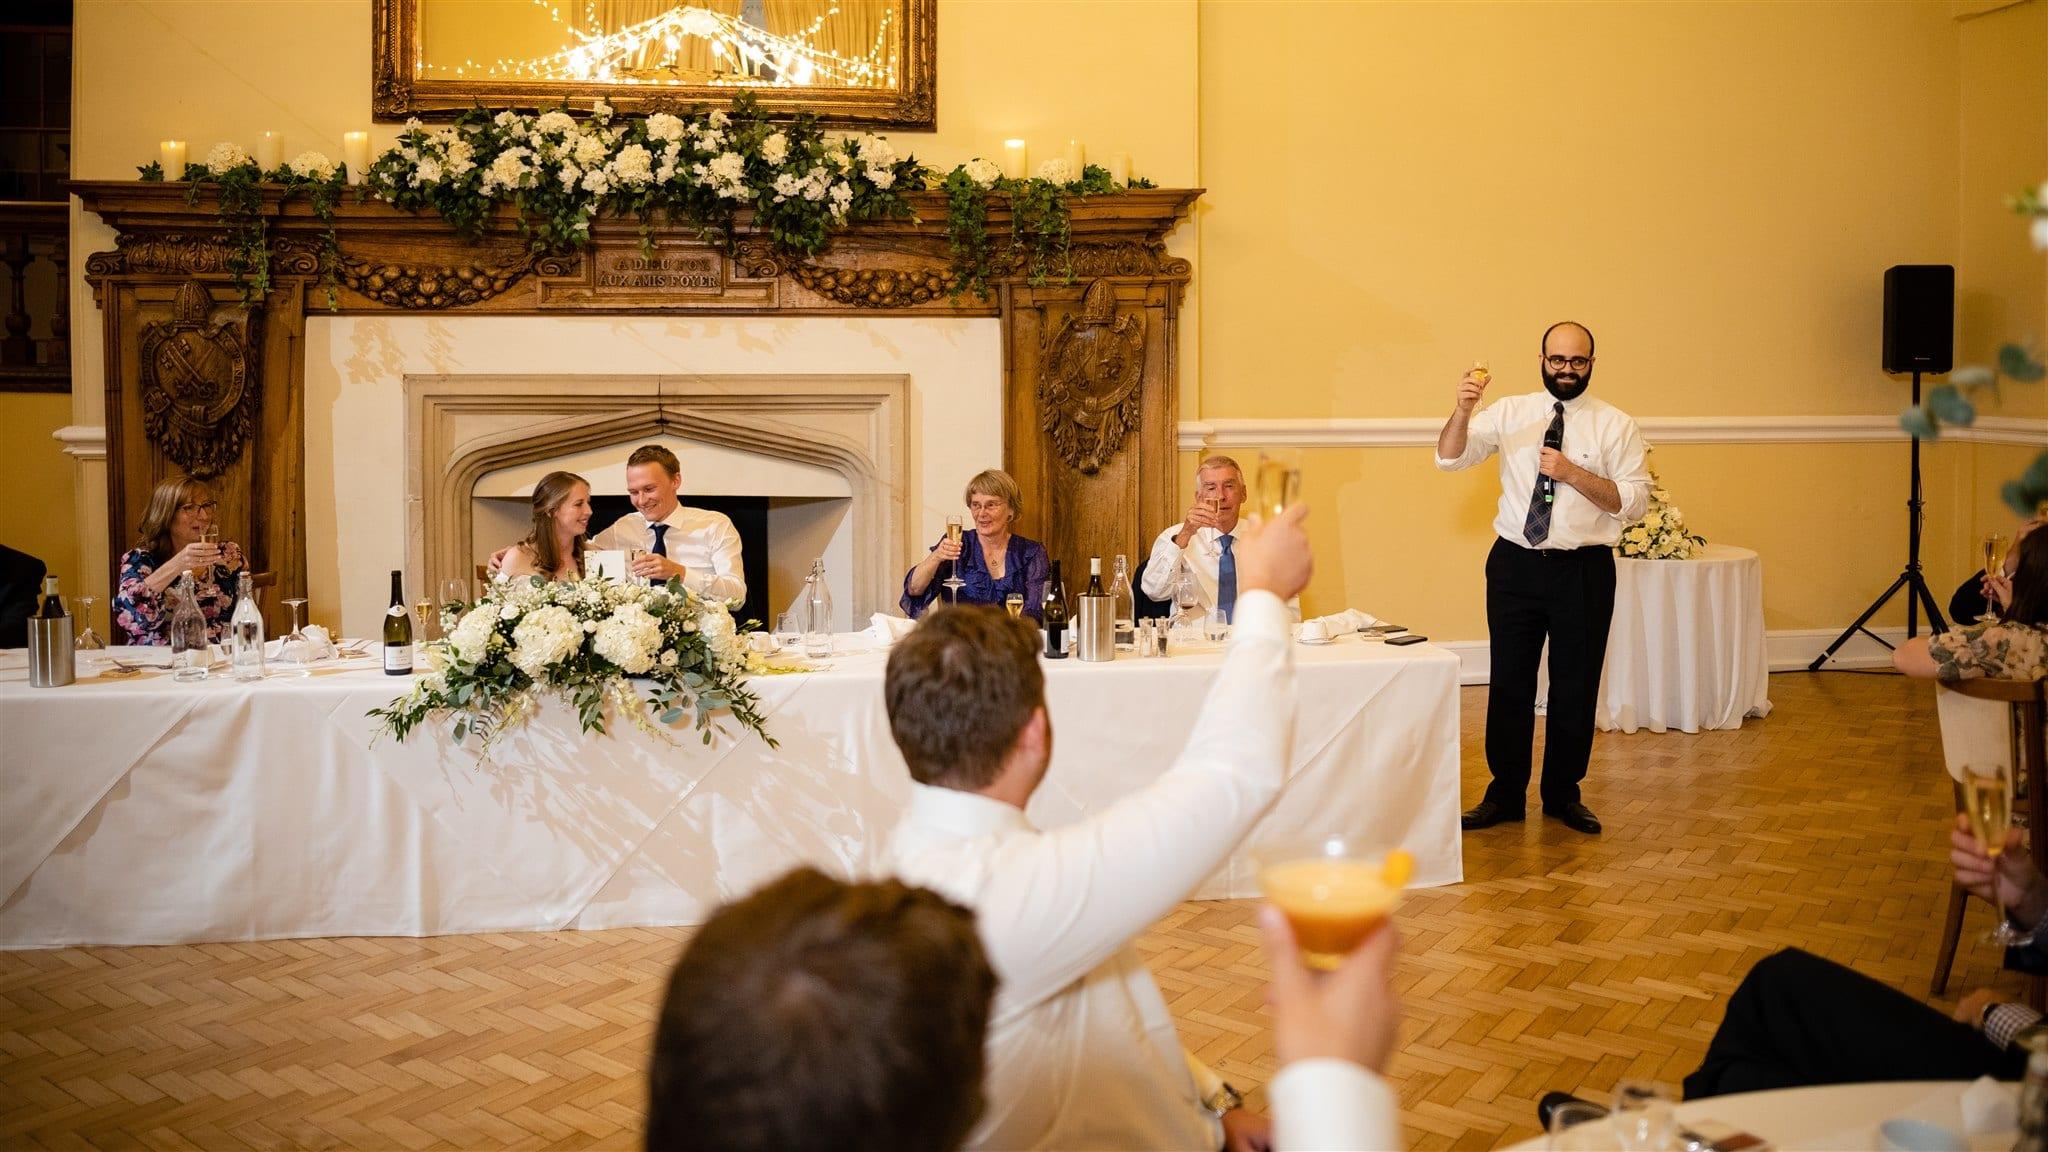 Socially distanced wedding venue in Surrey